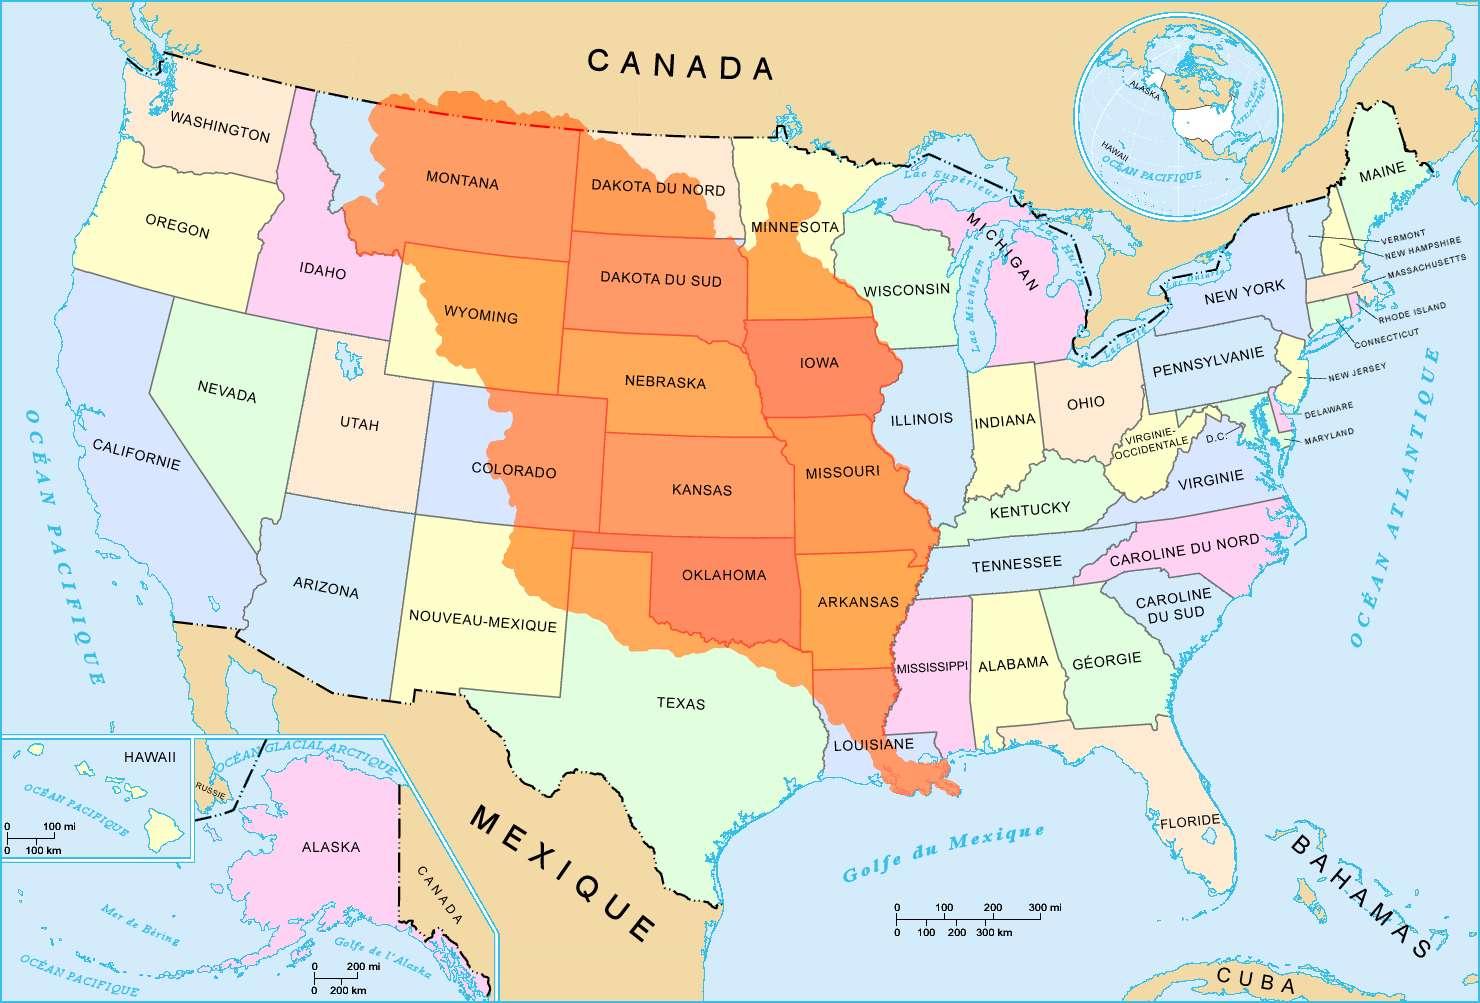 Pourquoi La France A-T-Elle Vendu La Louisiane ? intérieur Carte Etat Amerique